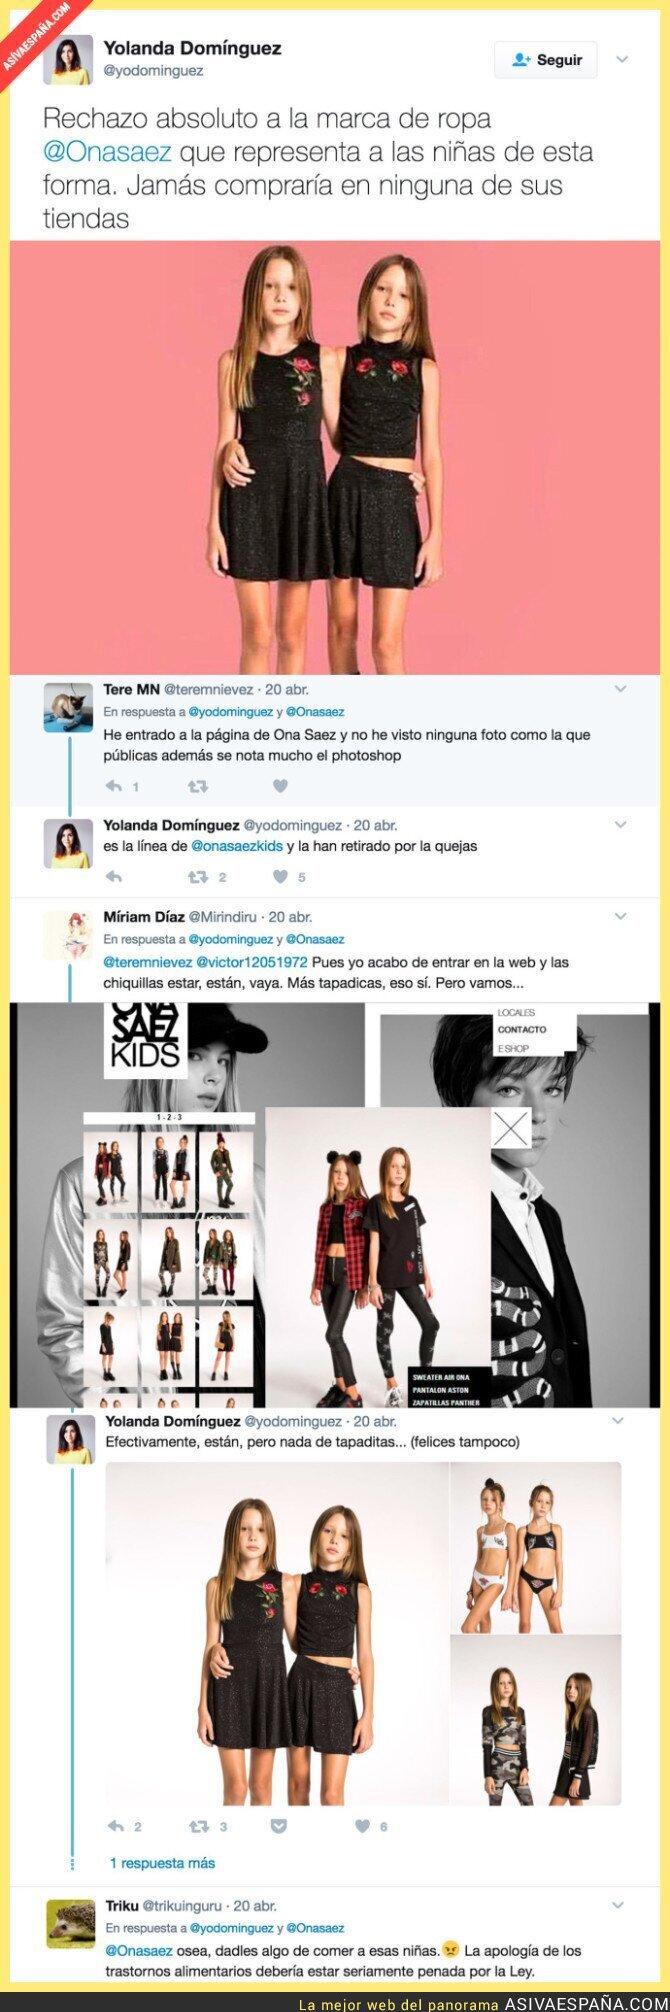 66760 - Lío máximo con la marca de ropa de Ona Saez por su publicidad con niñas fomentando la anorexia